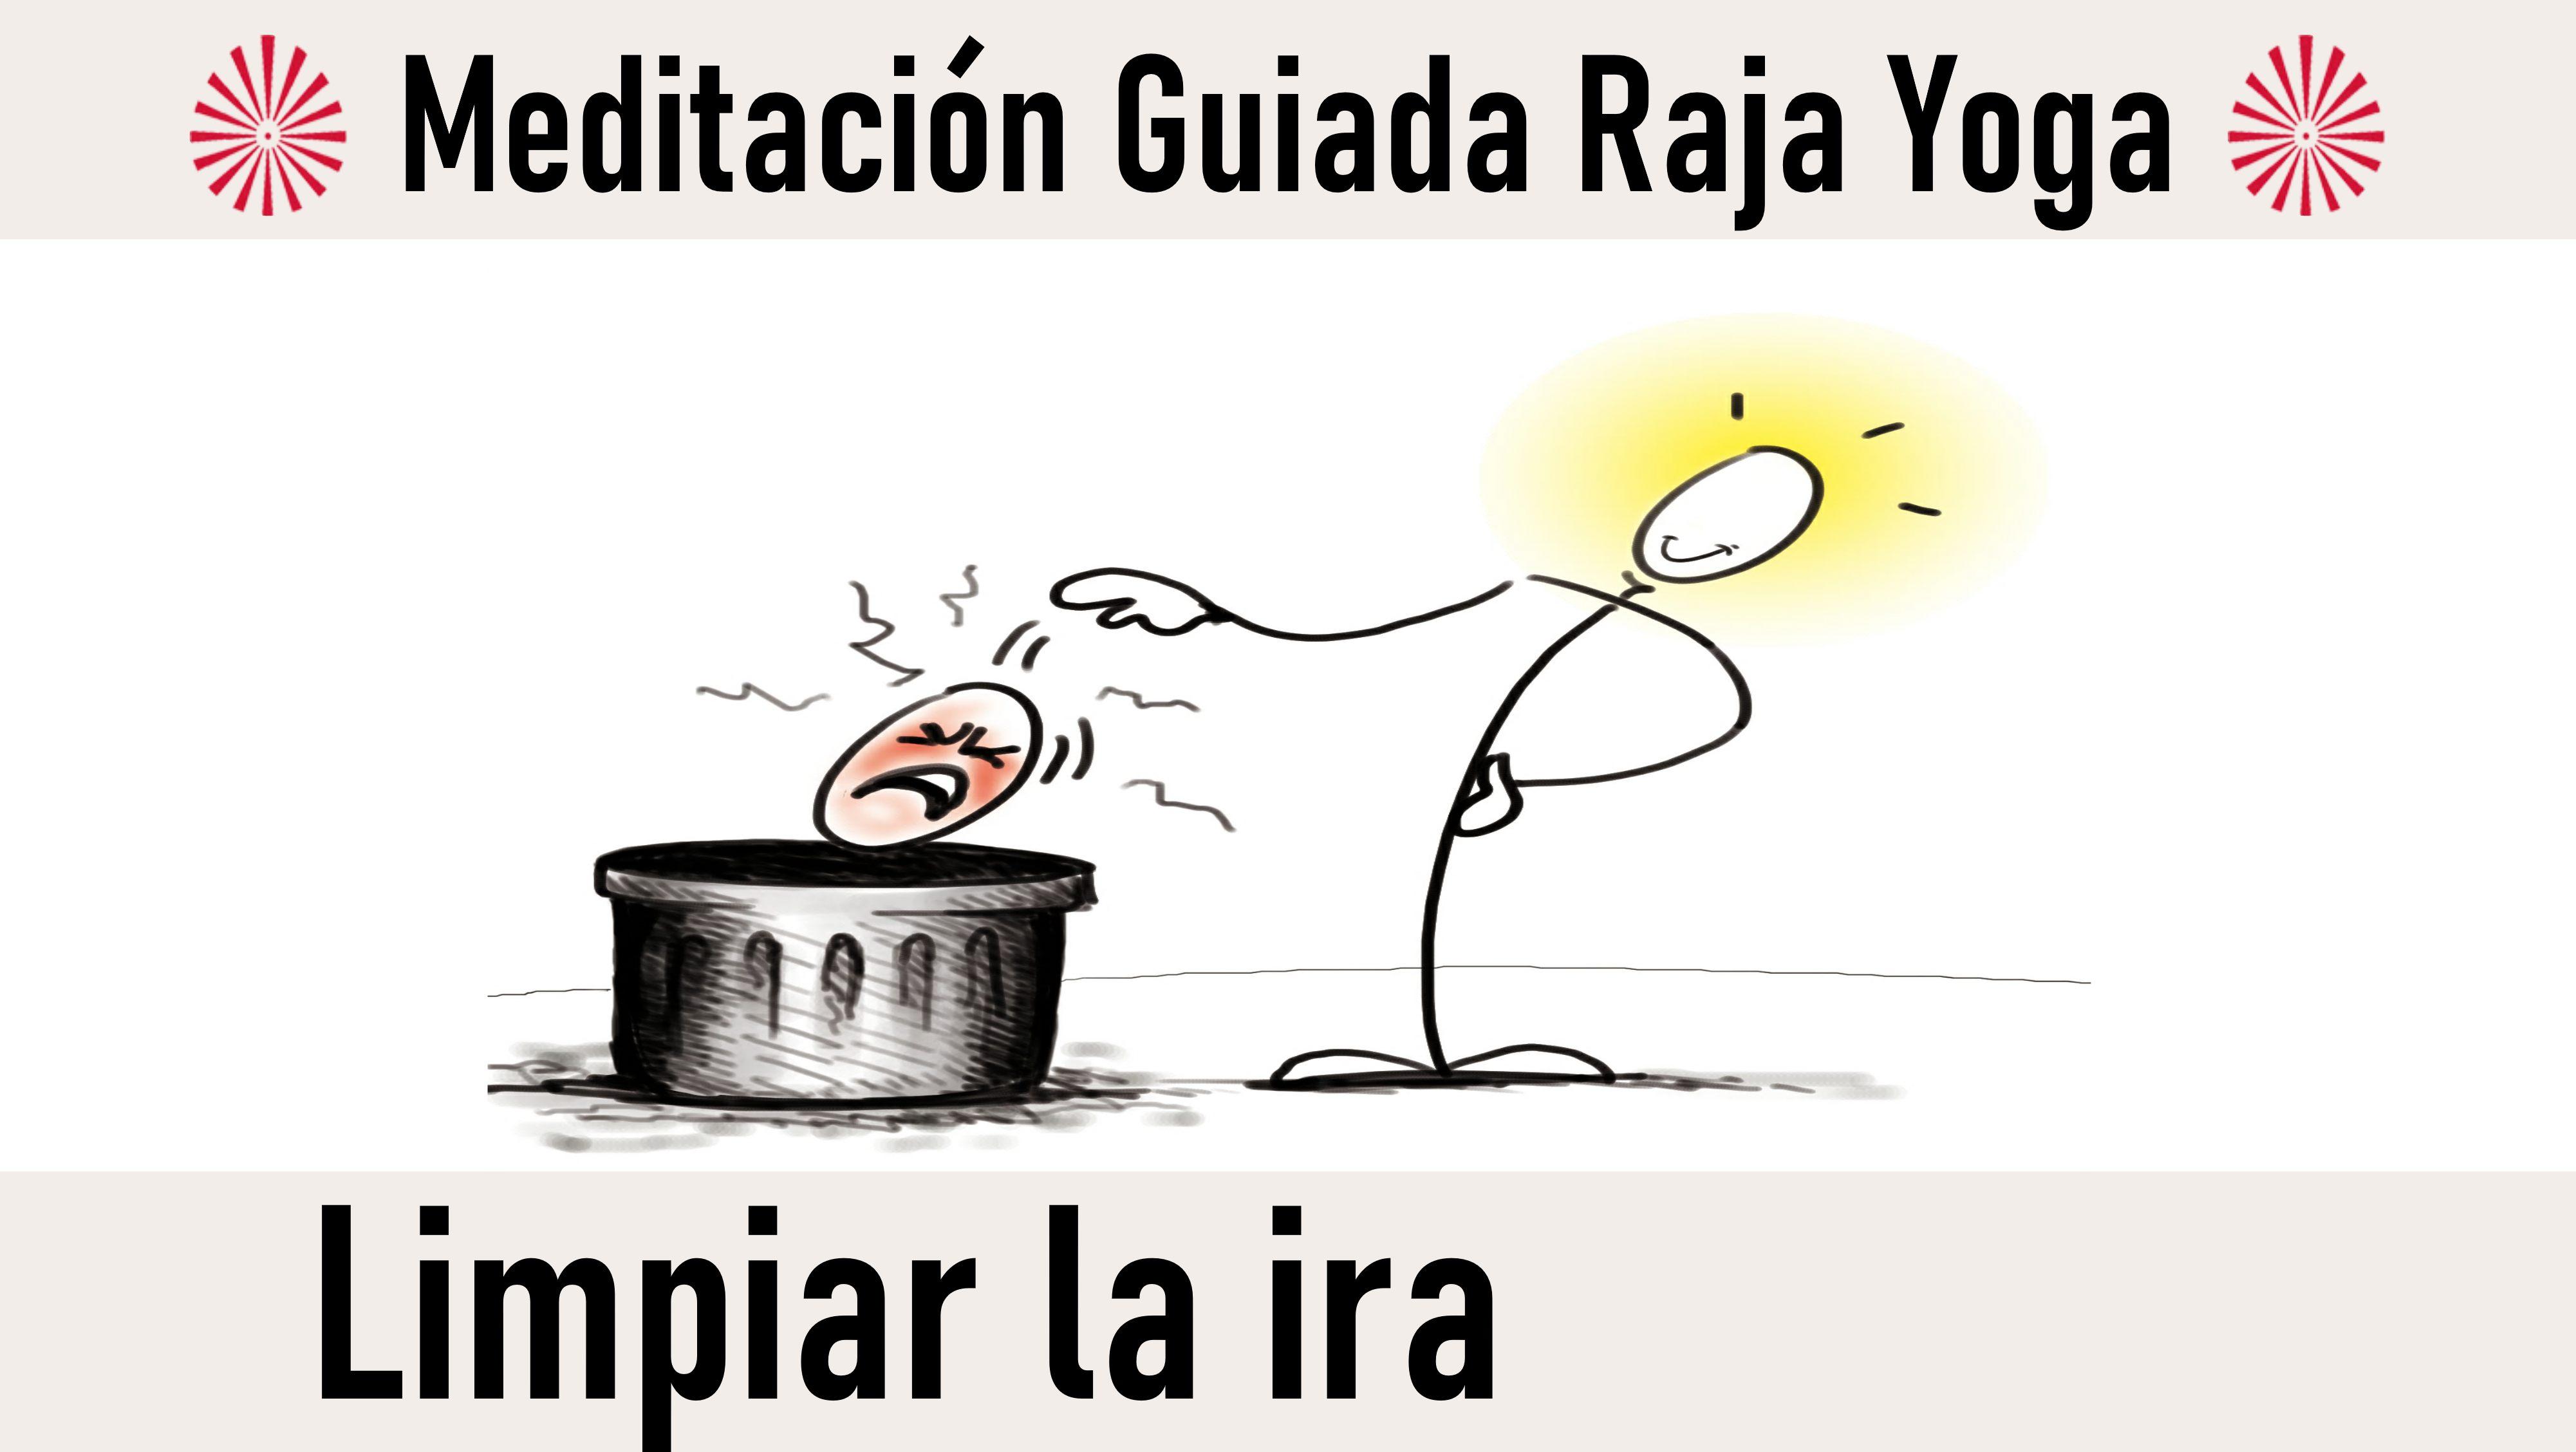 Meditación Raja Yoga: Limpiar la ira (27 Octubre 2020) On-line desde Canarias